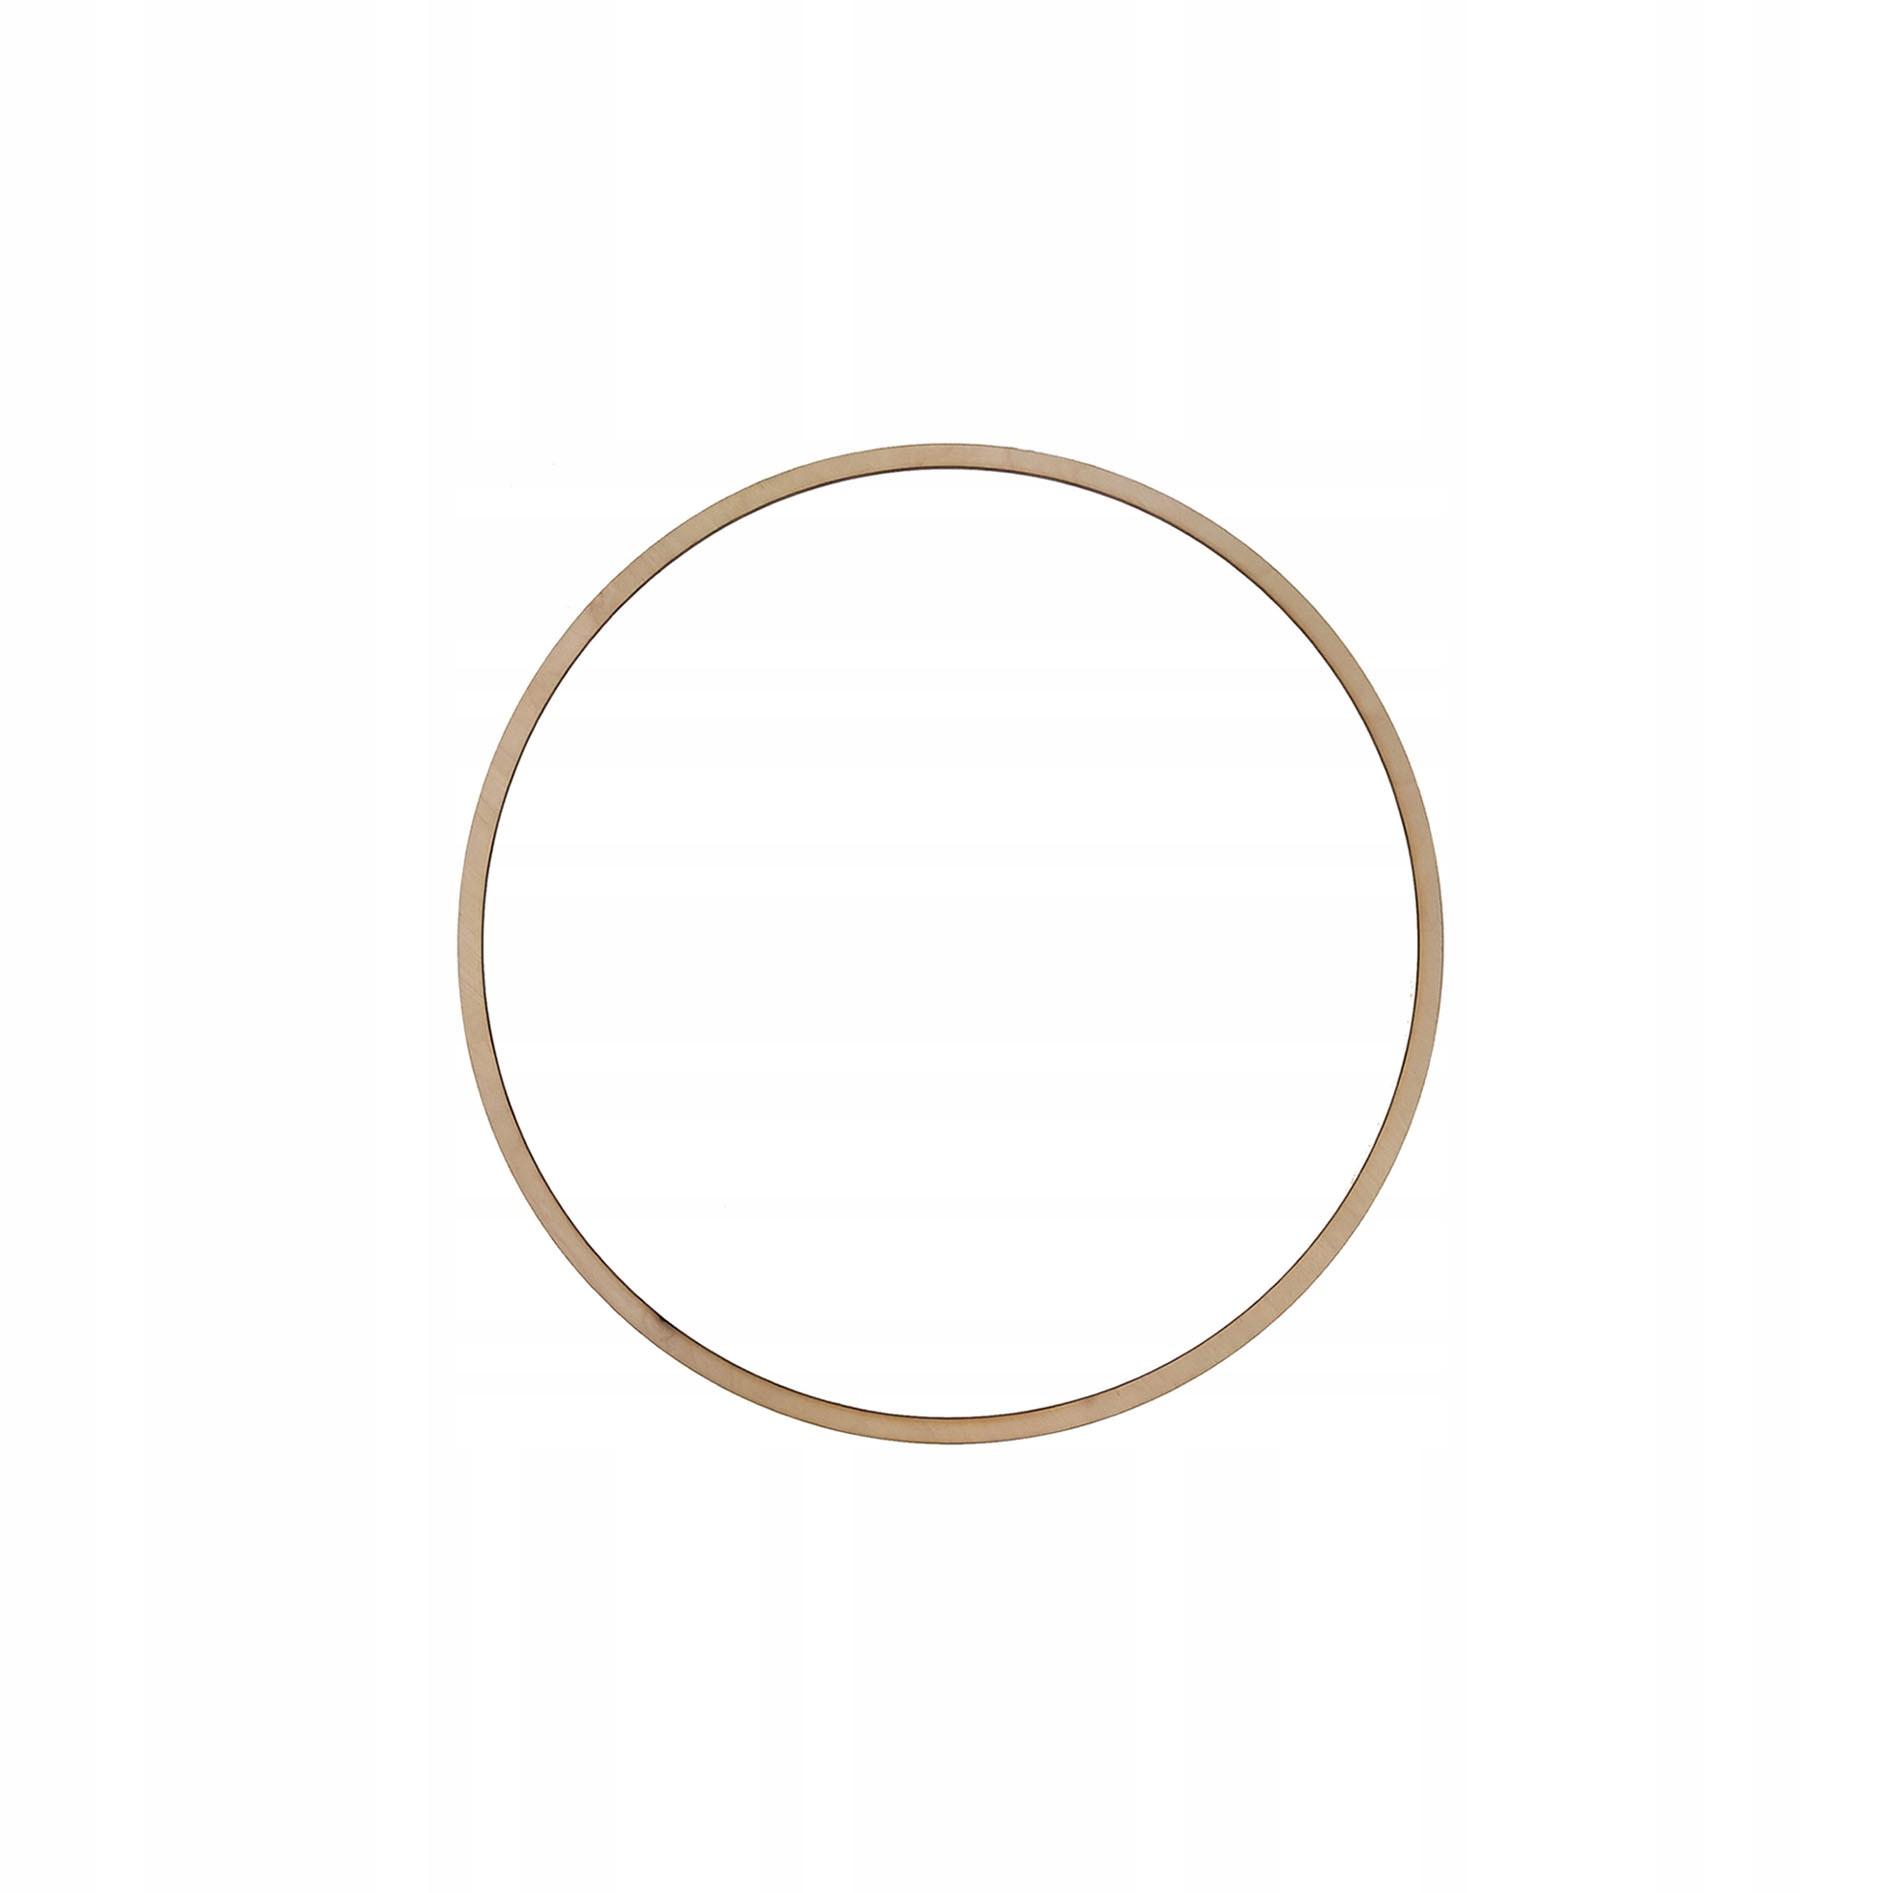 Drewniana obręcz kółko do łapacza snów - 16 cm